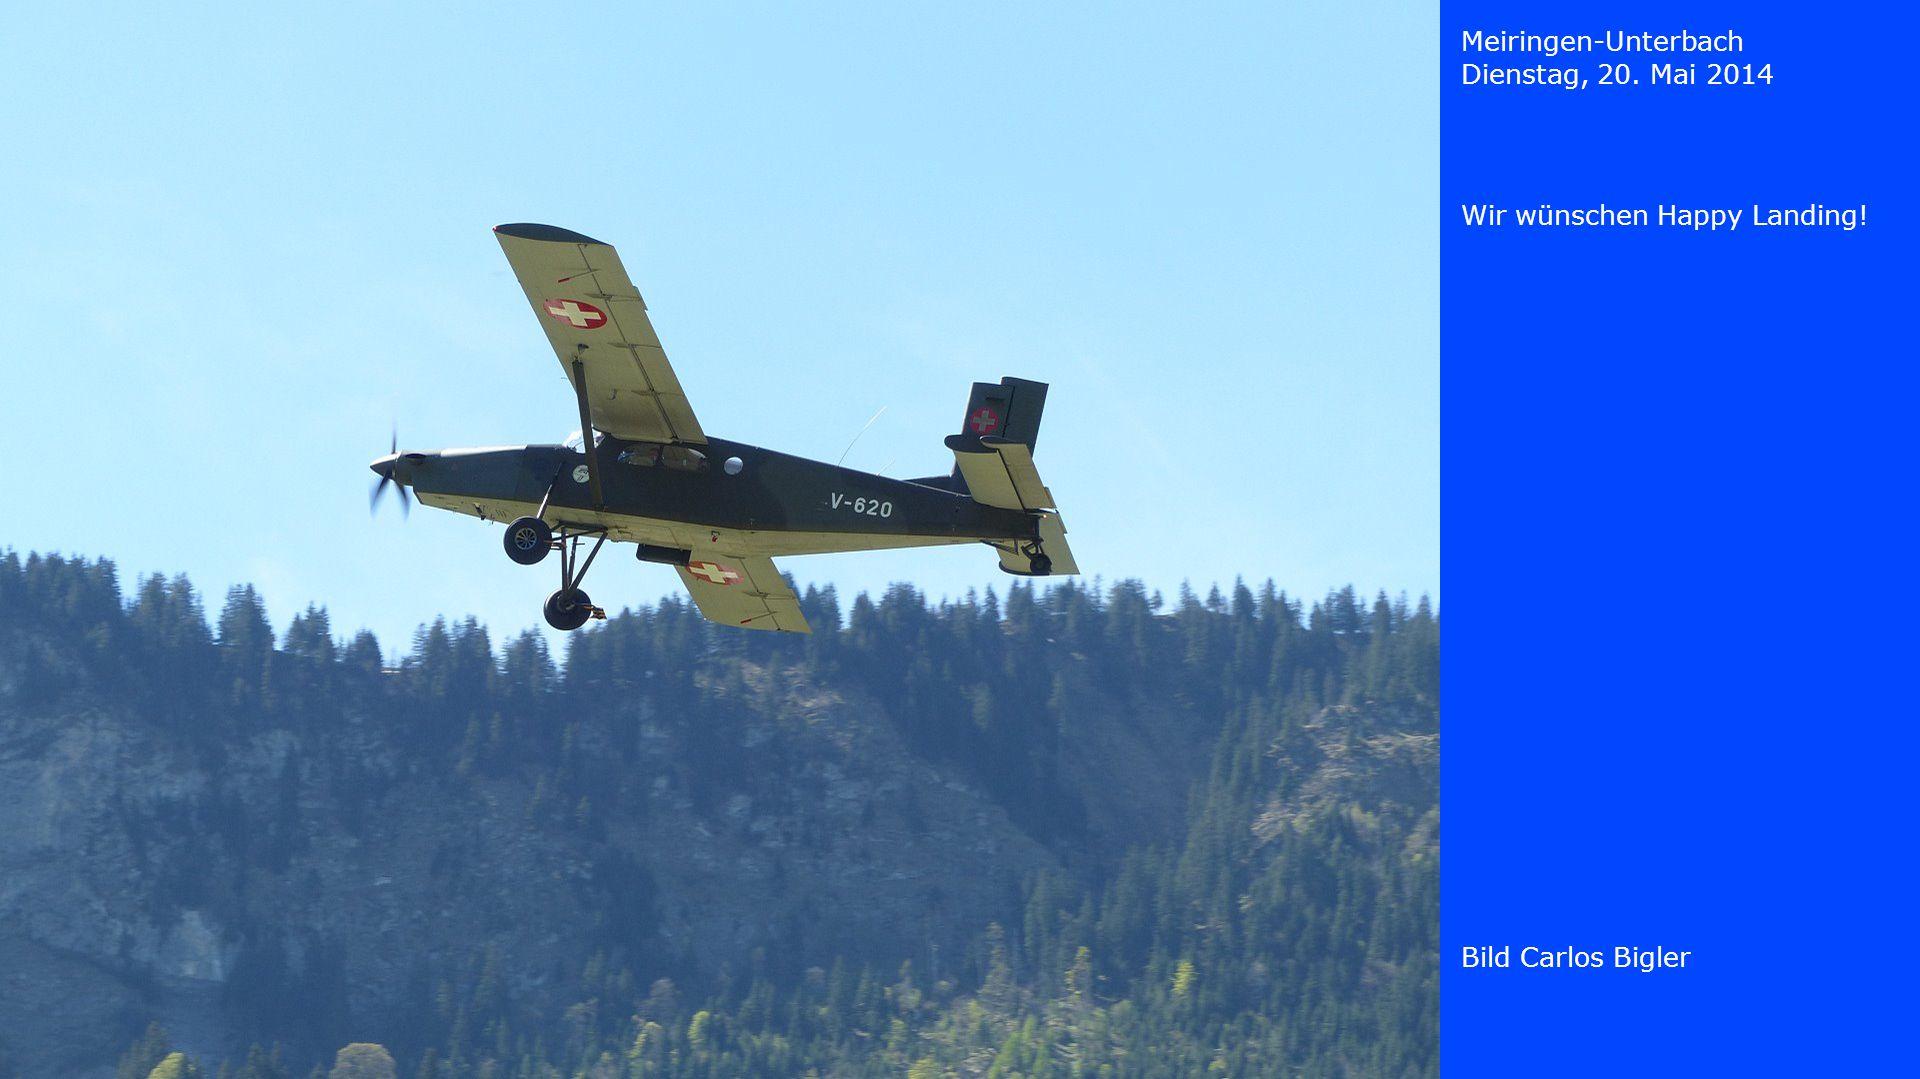 Meiringen-Unterbach Dienstag, 20. Mai 2014 Wir wünschen Happy Landing! Bild Carlos Bigler